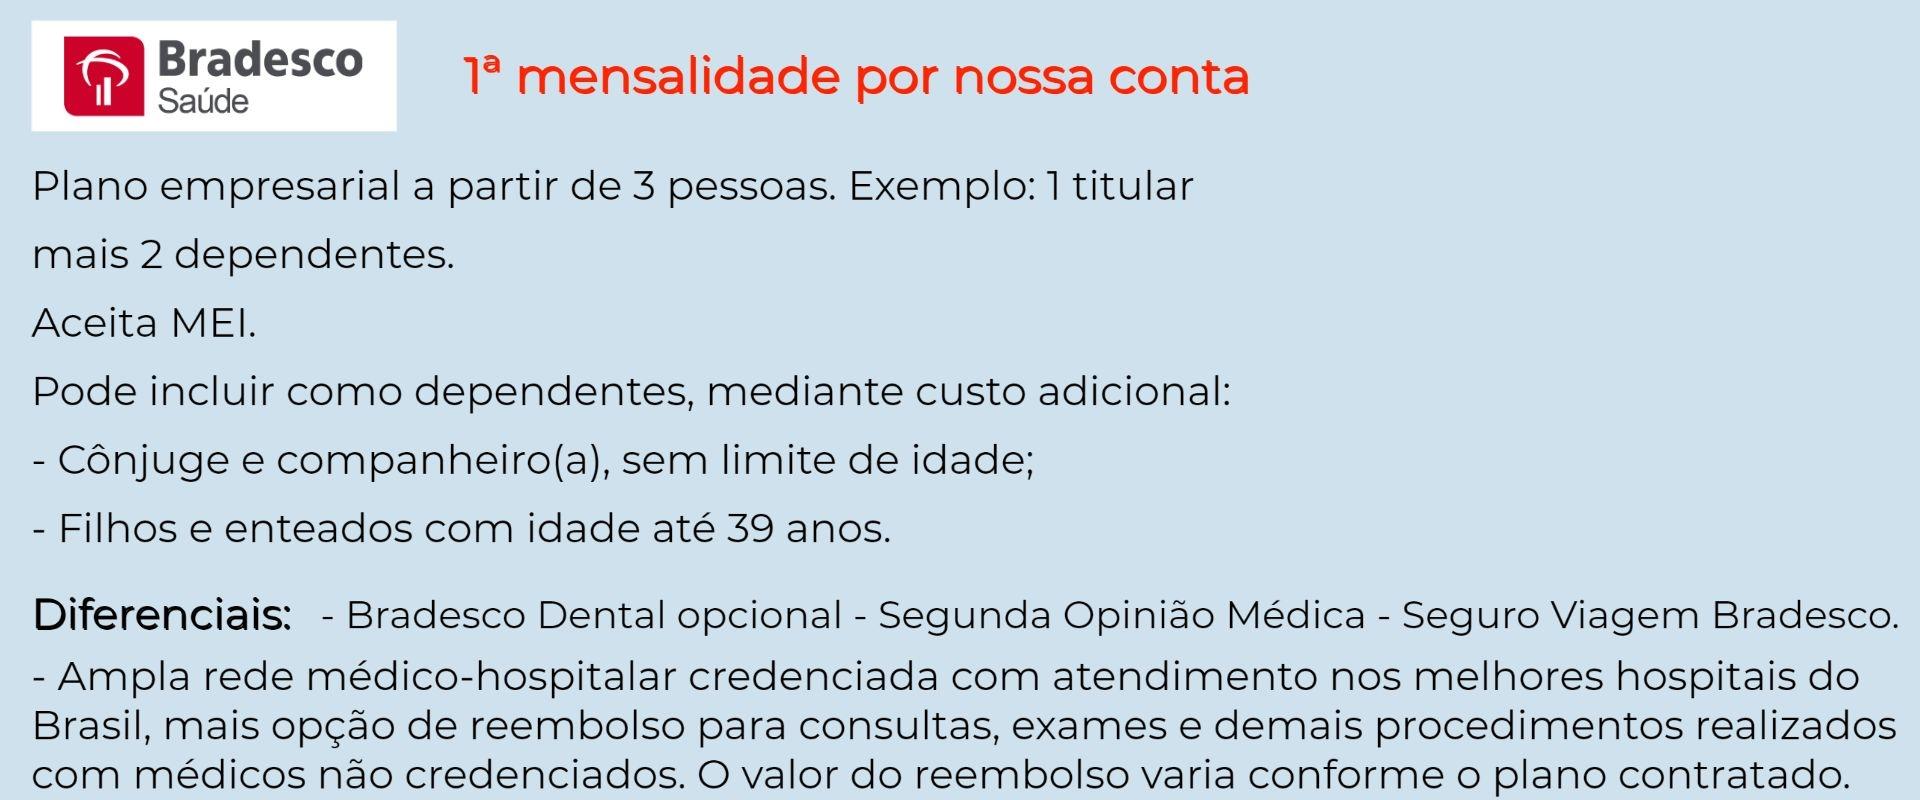 Bradesco Saúde Empresarial - Marília